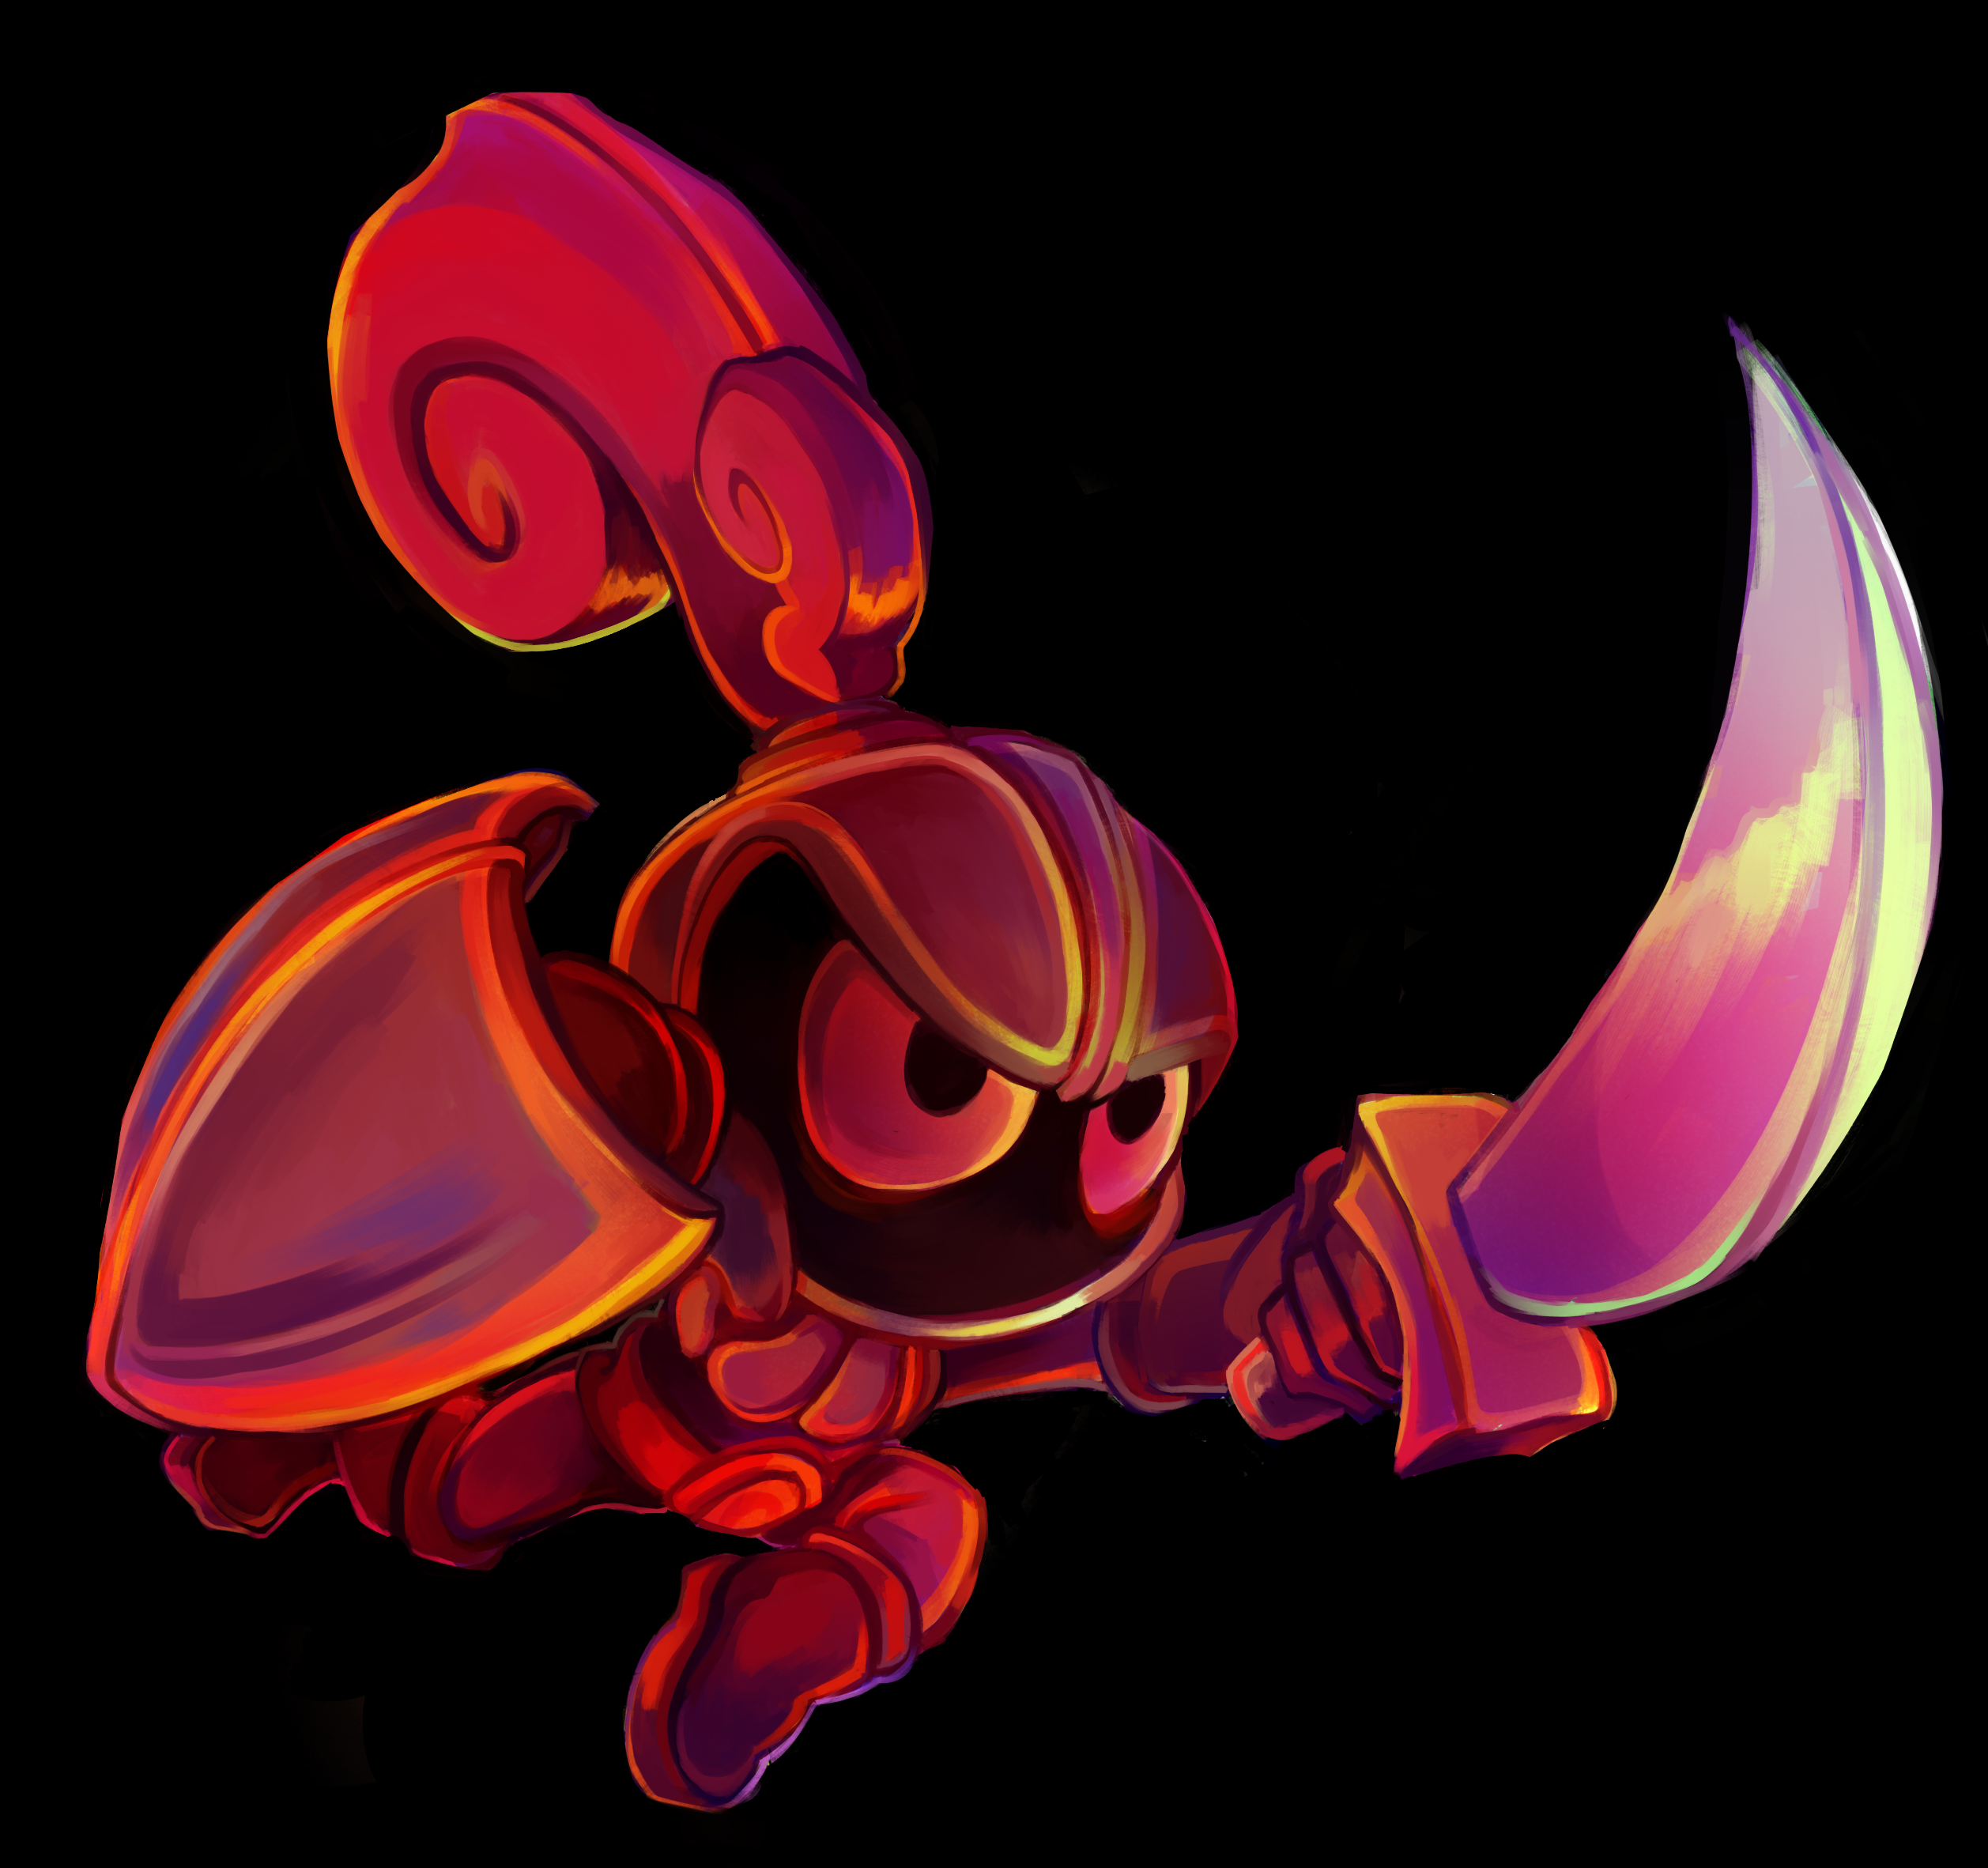 Knight (Sentry Knight: Tactics)